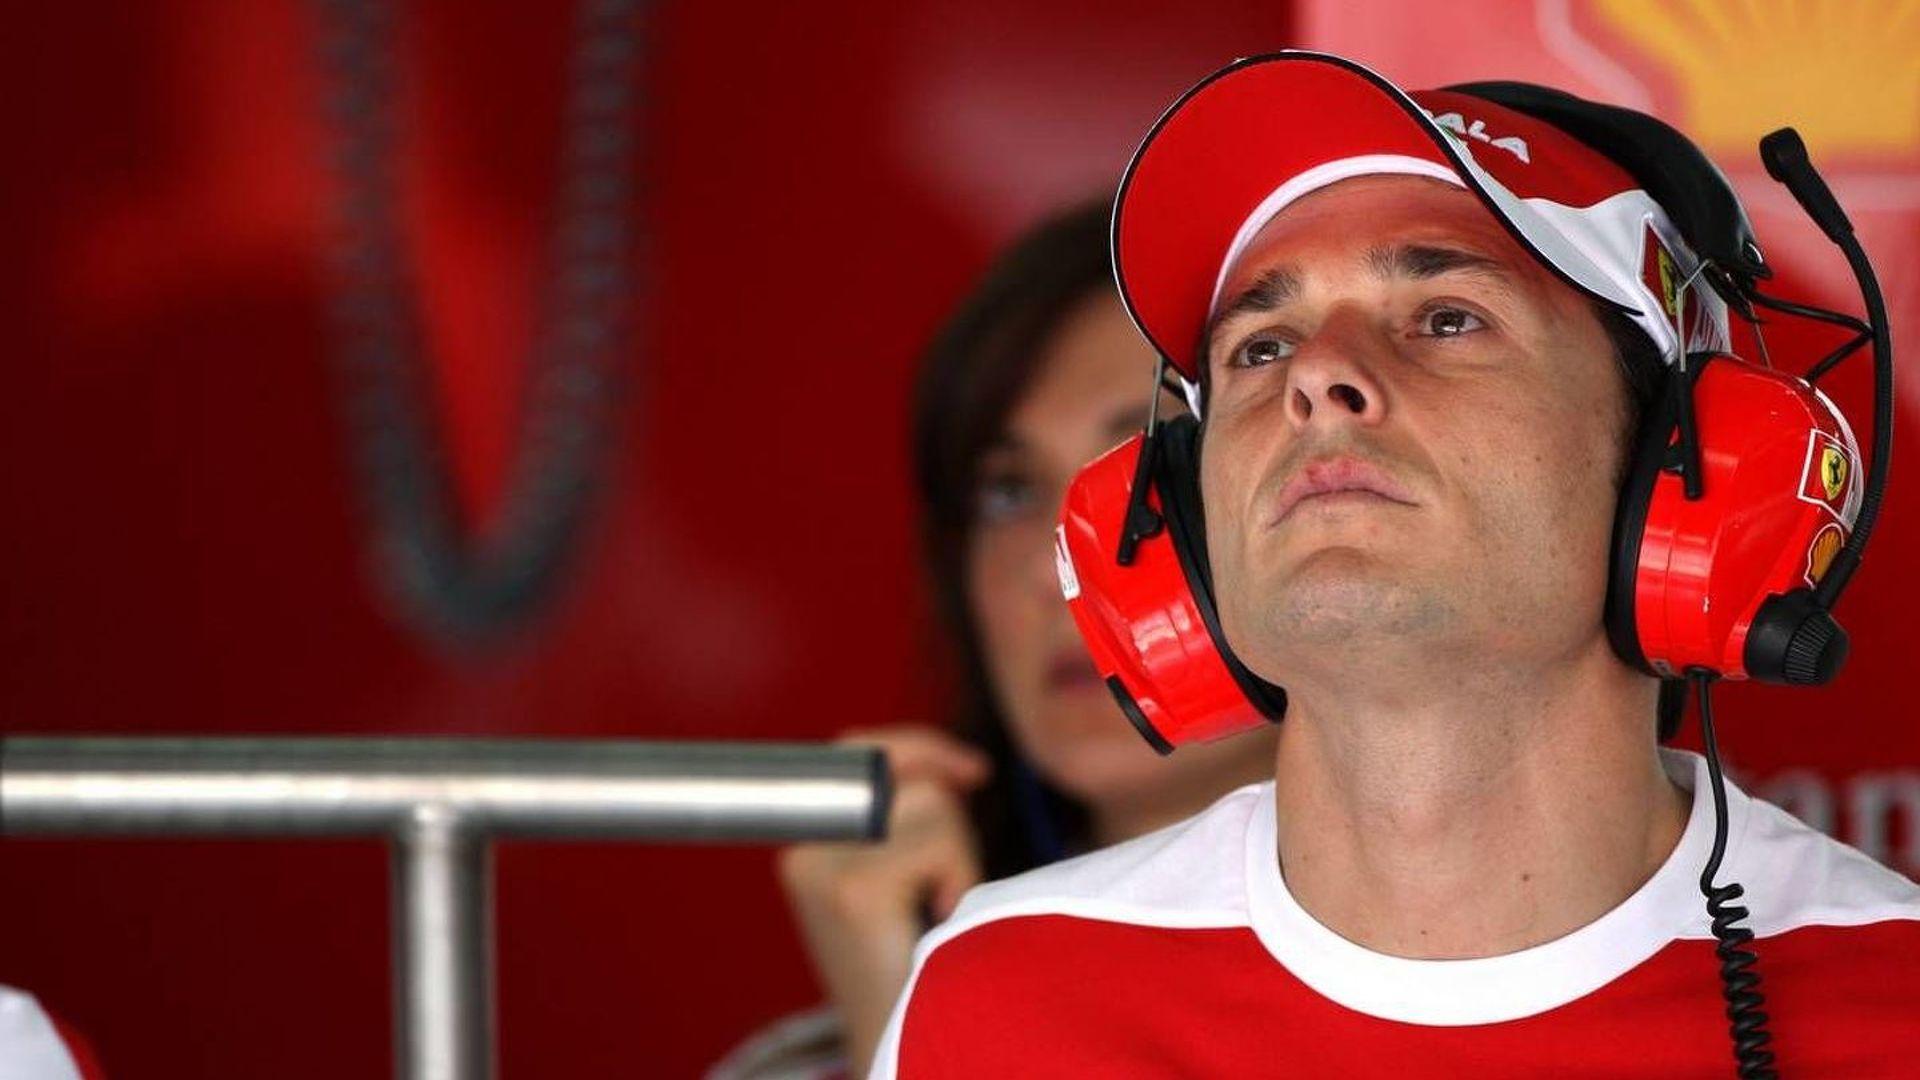 Fisichella tours HRT garage in Bahrain